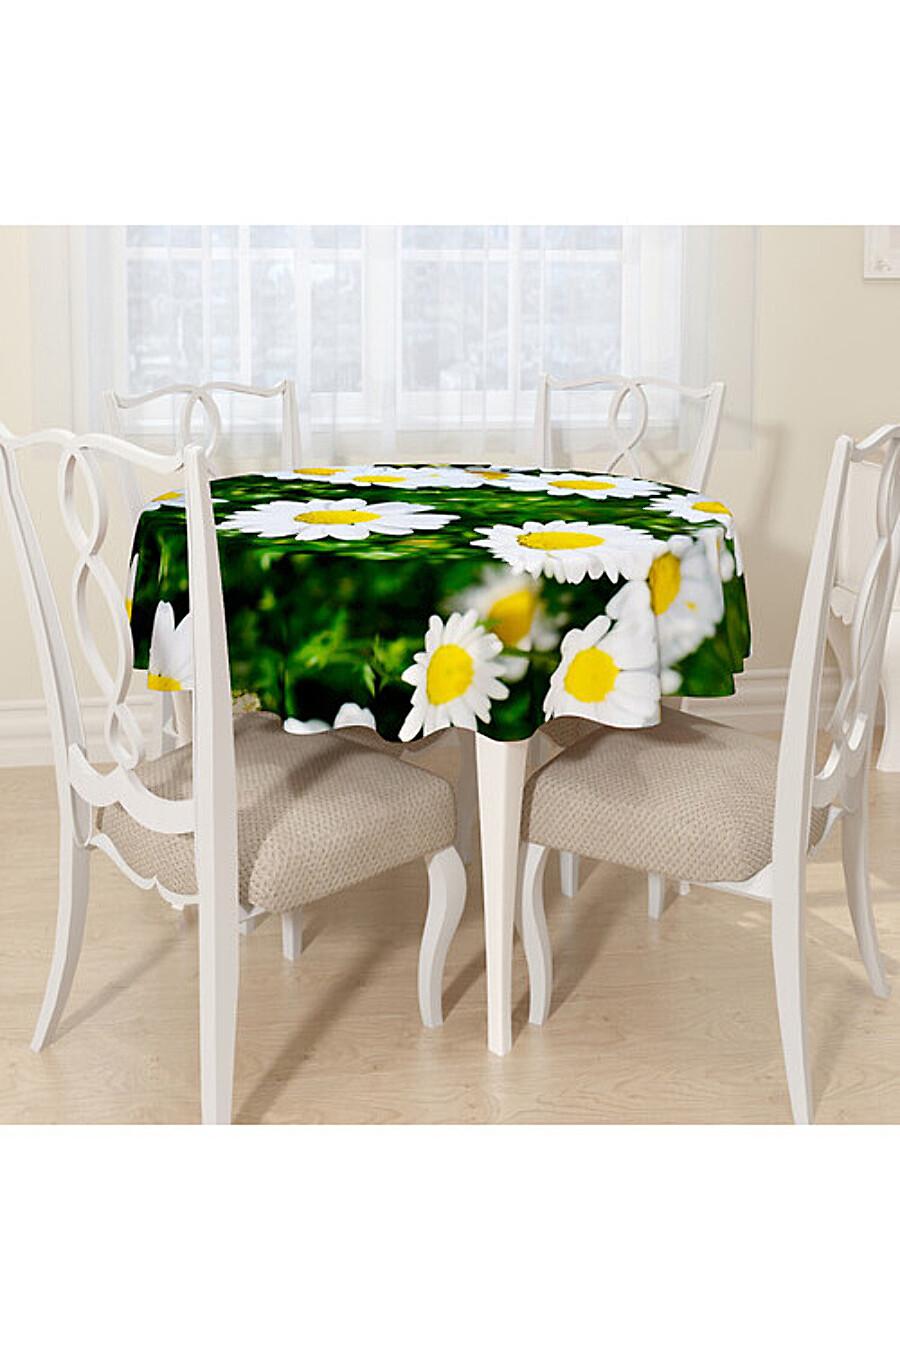 Скатерть для дома ART HOME TEXTILE 180489 купить оптом от производителя. Совместная покупка товаров для дома в OptMoyo